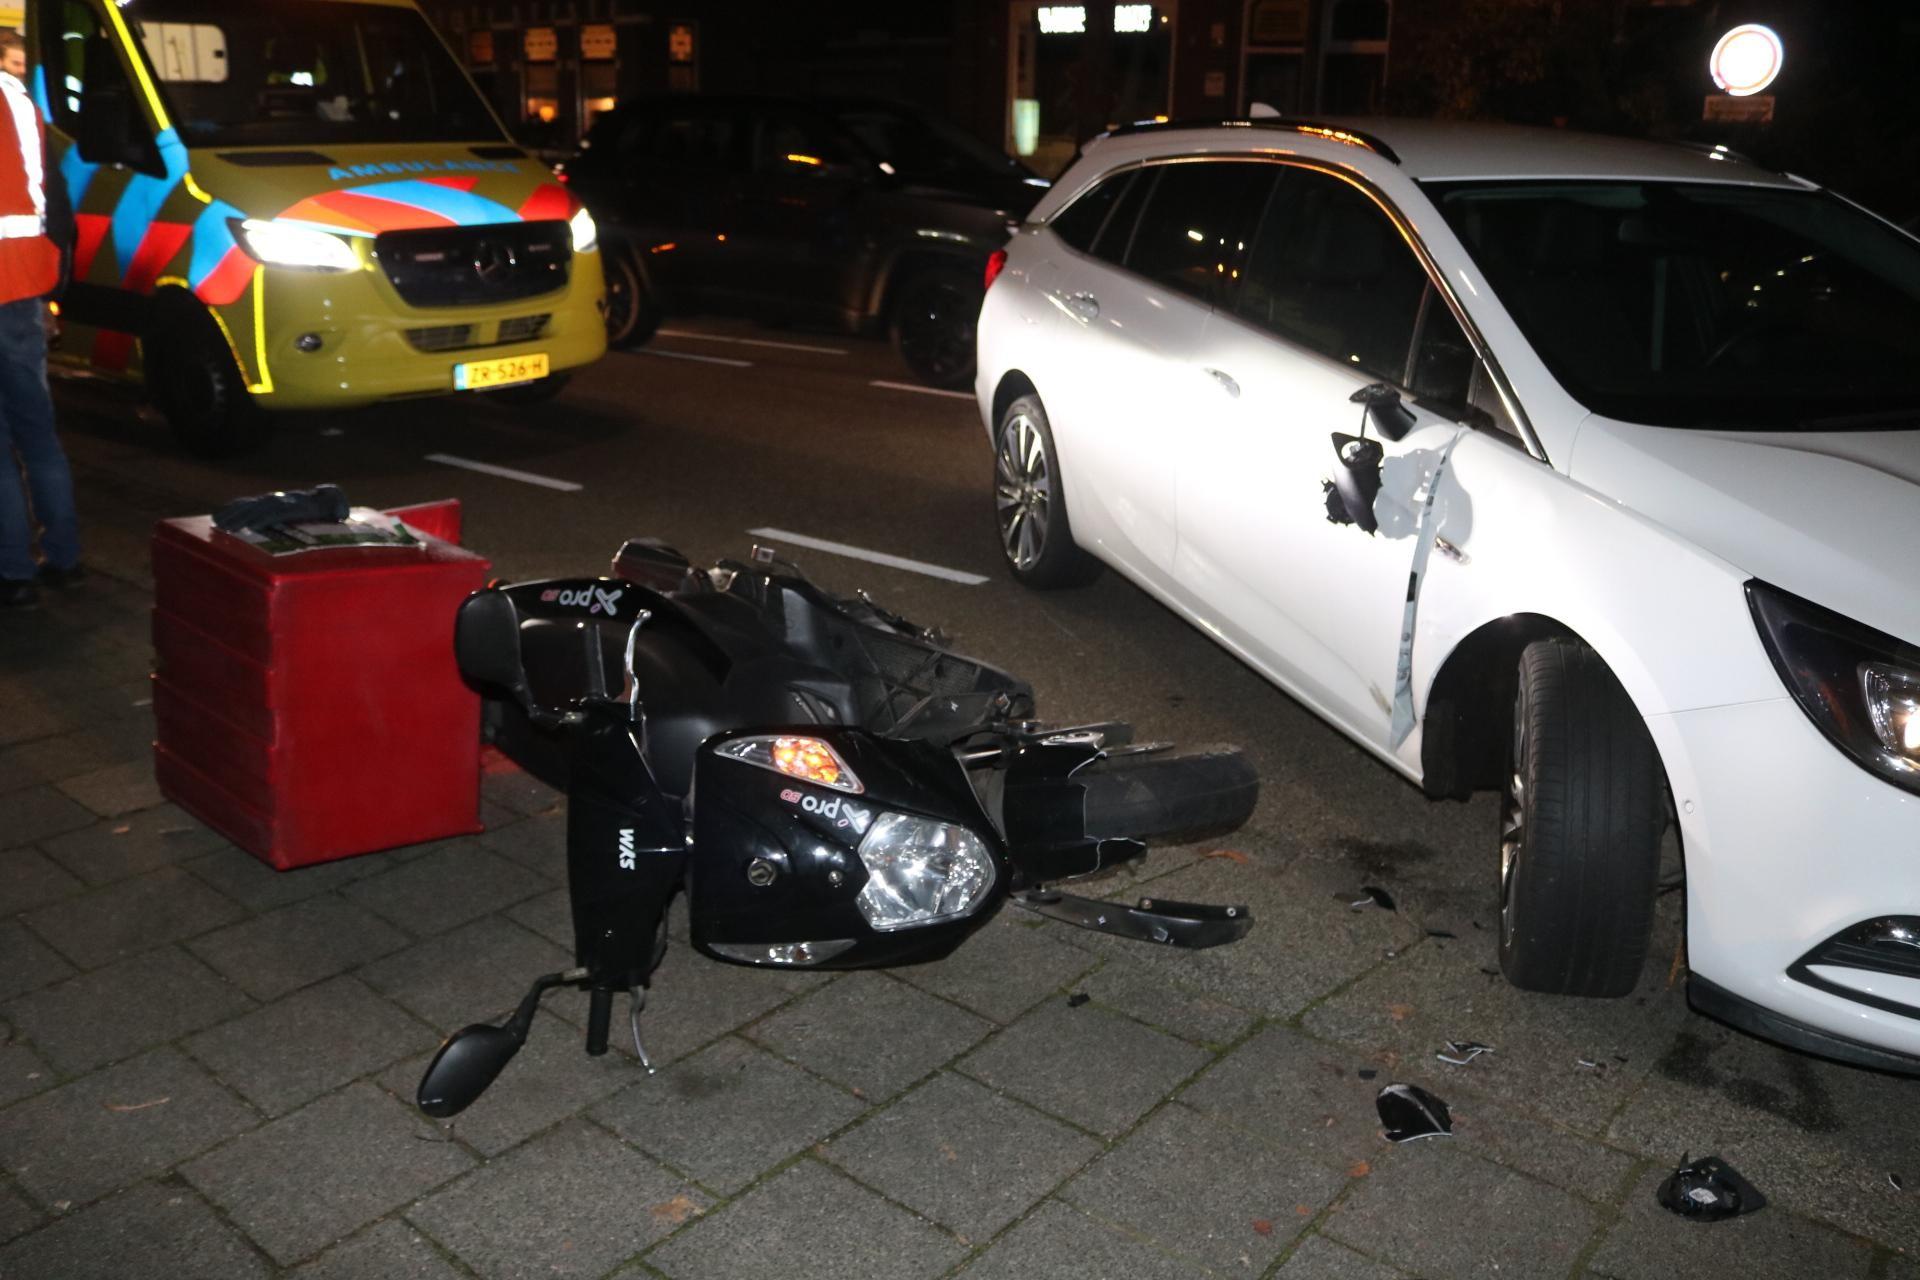 Pizzabezorger raakt gewond bij aanrijding in Sassenheim - Leidsch Dagblad